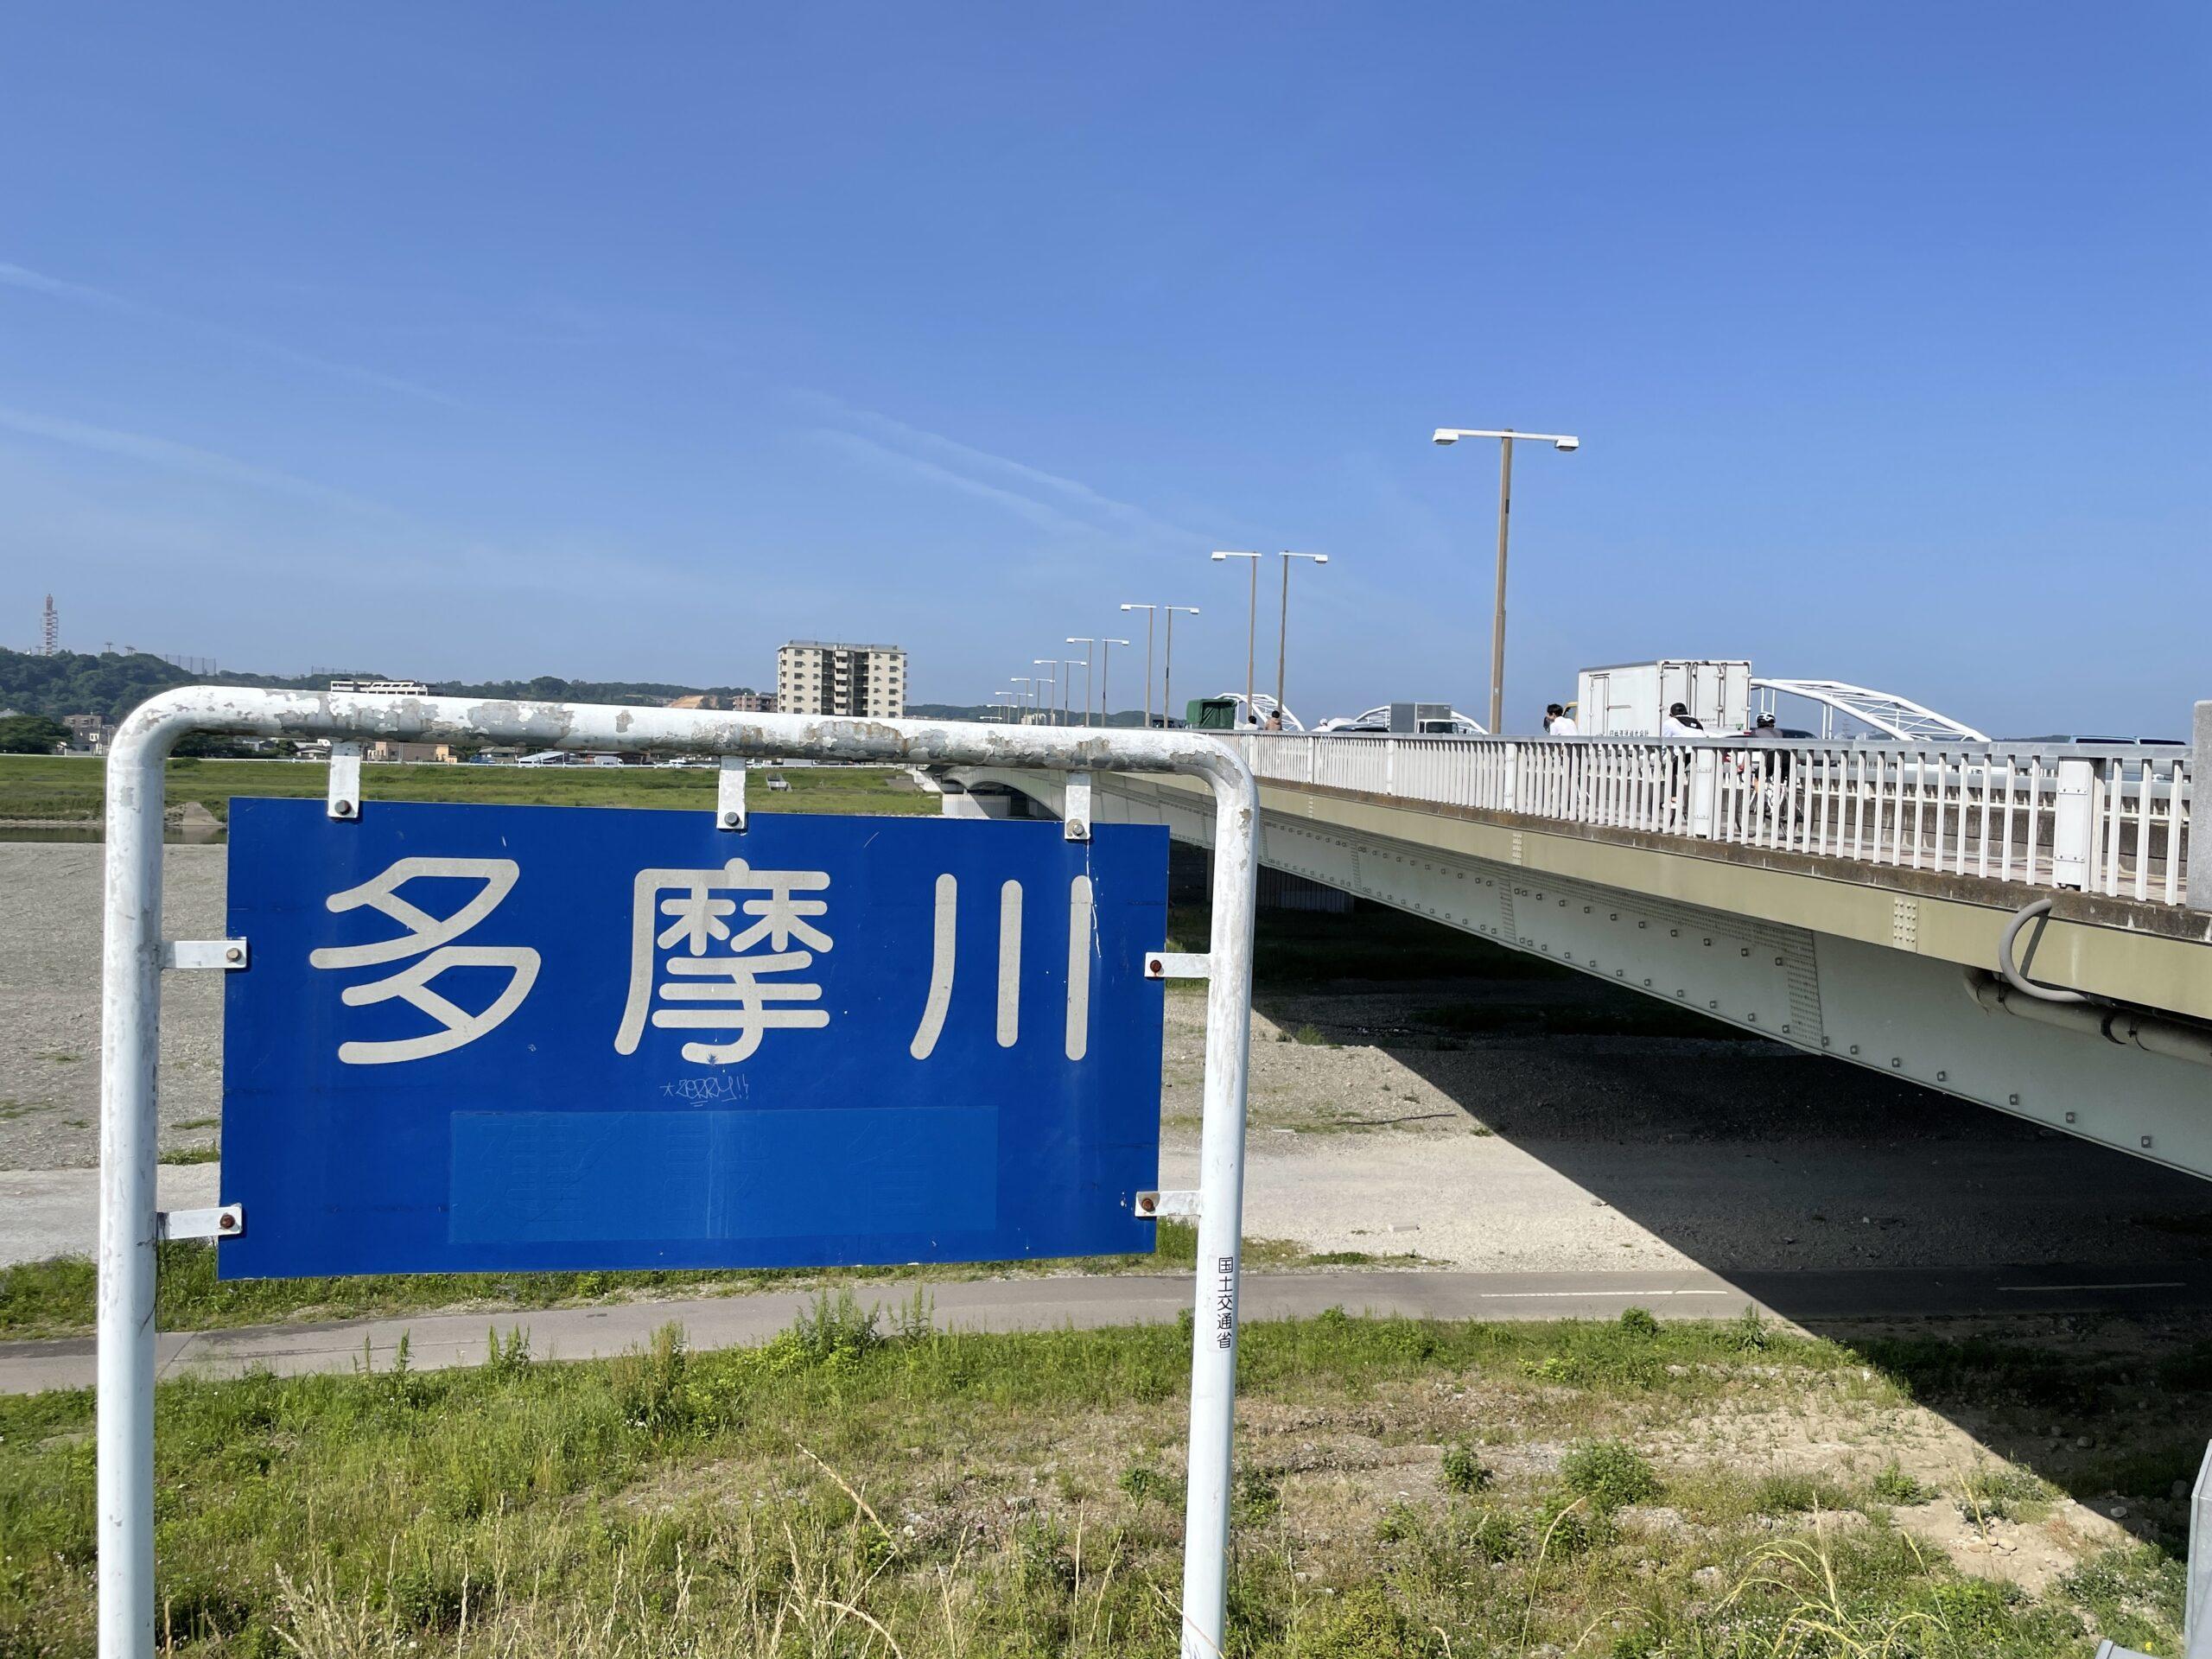 多摩川サイクリングロード (2)